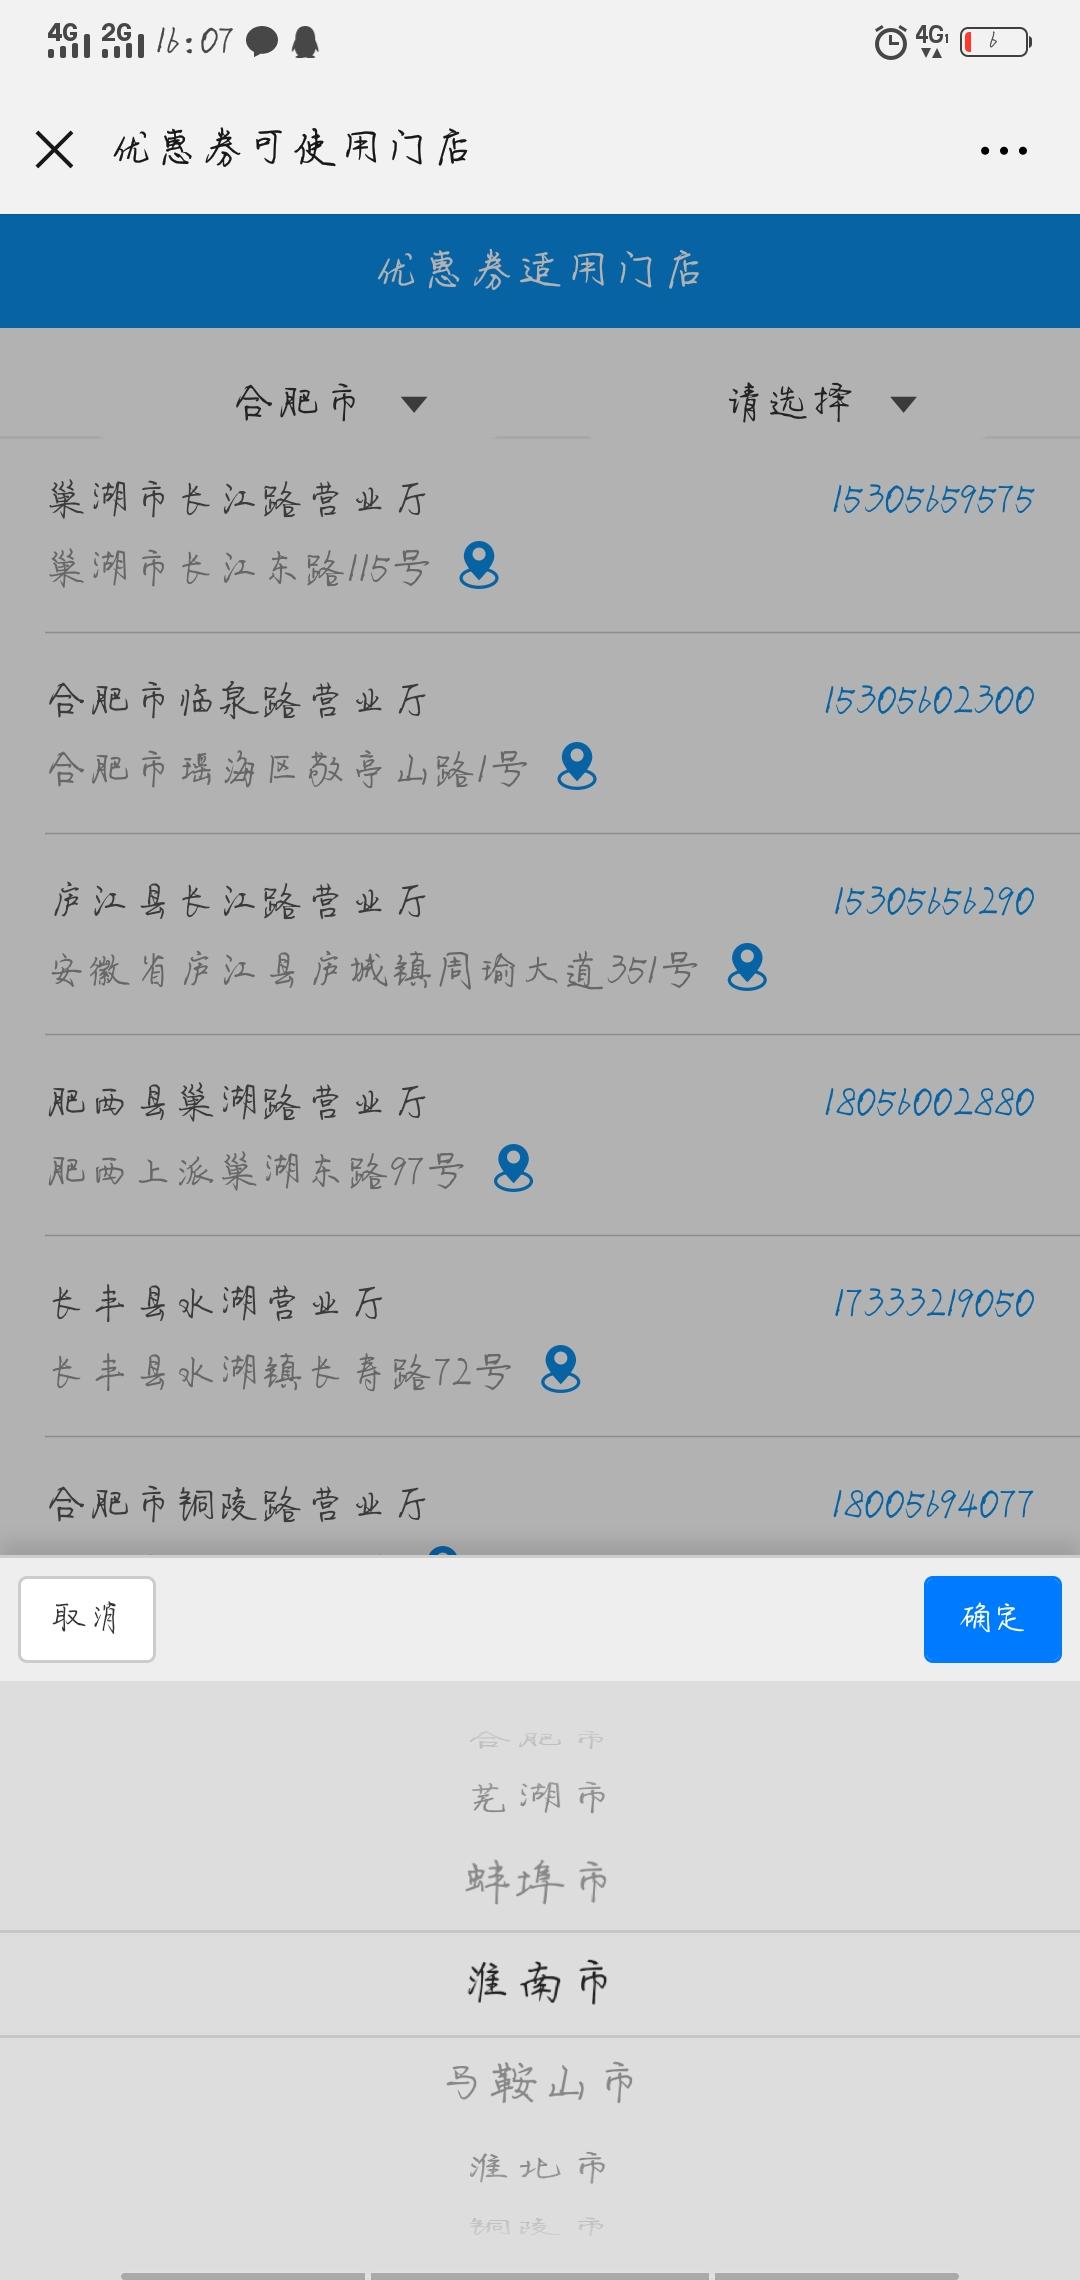 线报-「虚拟物品」安徽省电信用户领好礼